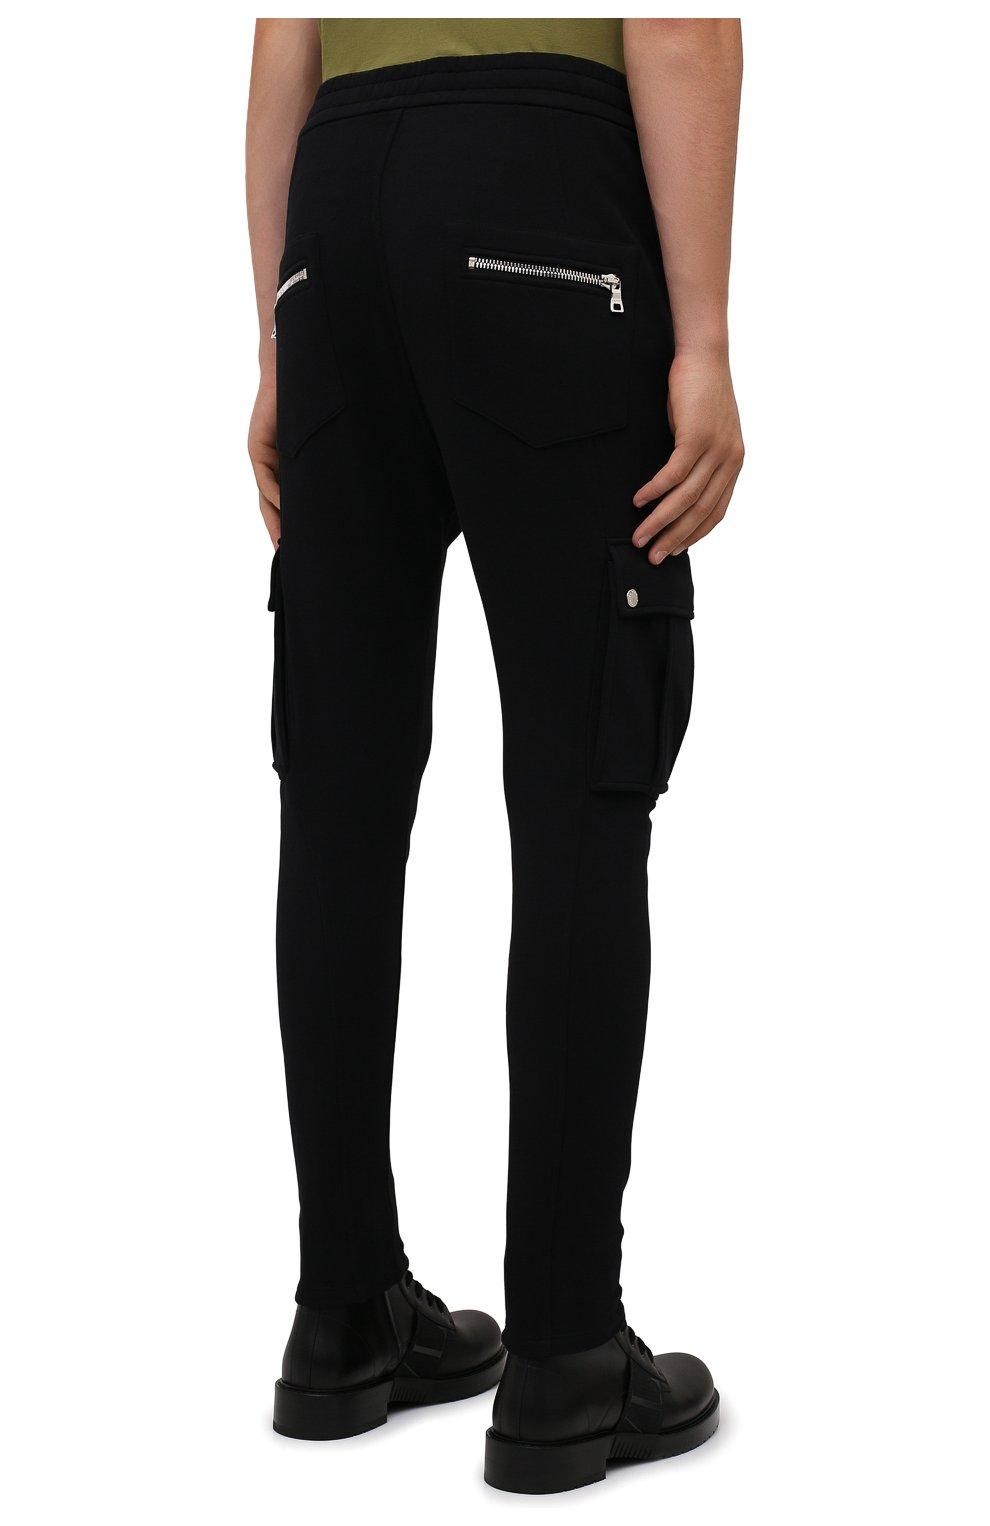 Мужские хлопковые джоггеры BALMAIN черного цвета, арт. WH10B080/B137 | Фото 4 (Силуэт М (брюки): Карго, Джоггеры; Мужское Кросс-КТ: Брюки-трикотаж; Длина (брюки, джинсы): Стандартные; Материал внешний: Хлопок; Стили: Кэжуэл)